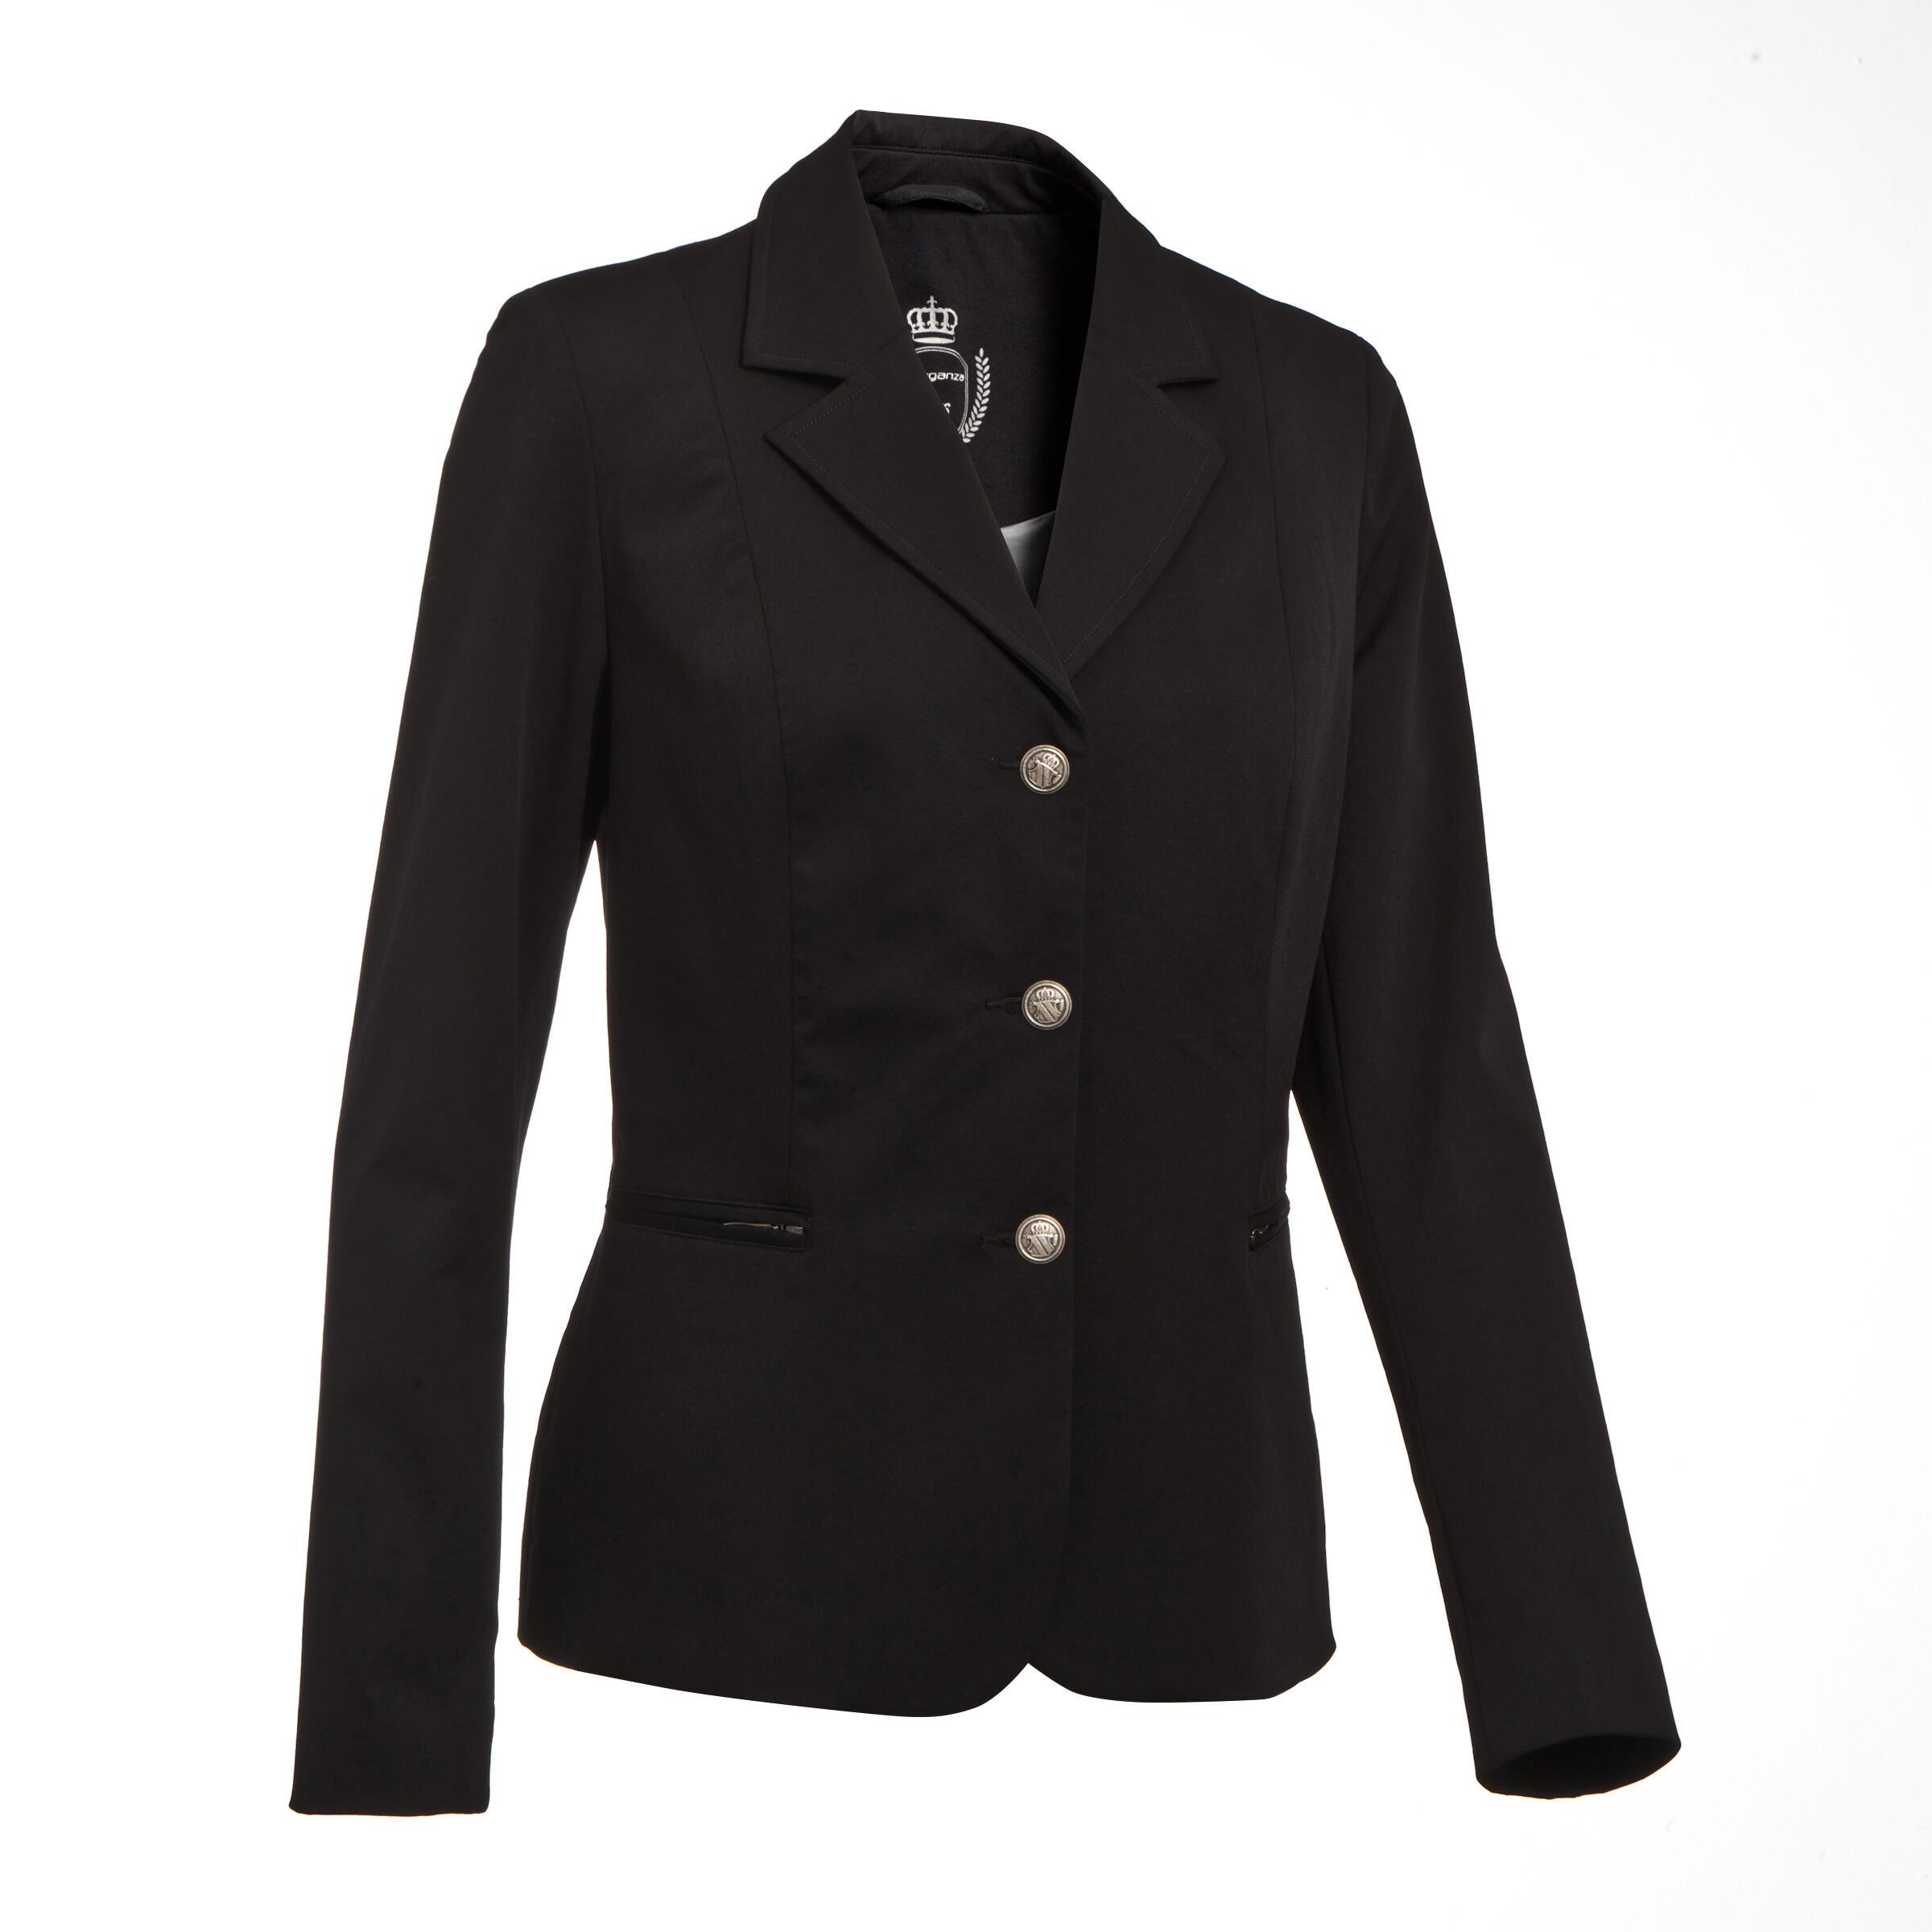 Veste de concours équitation femme COMP 5